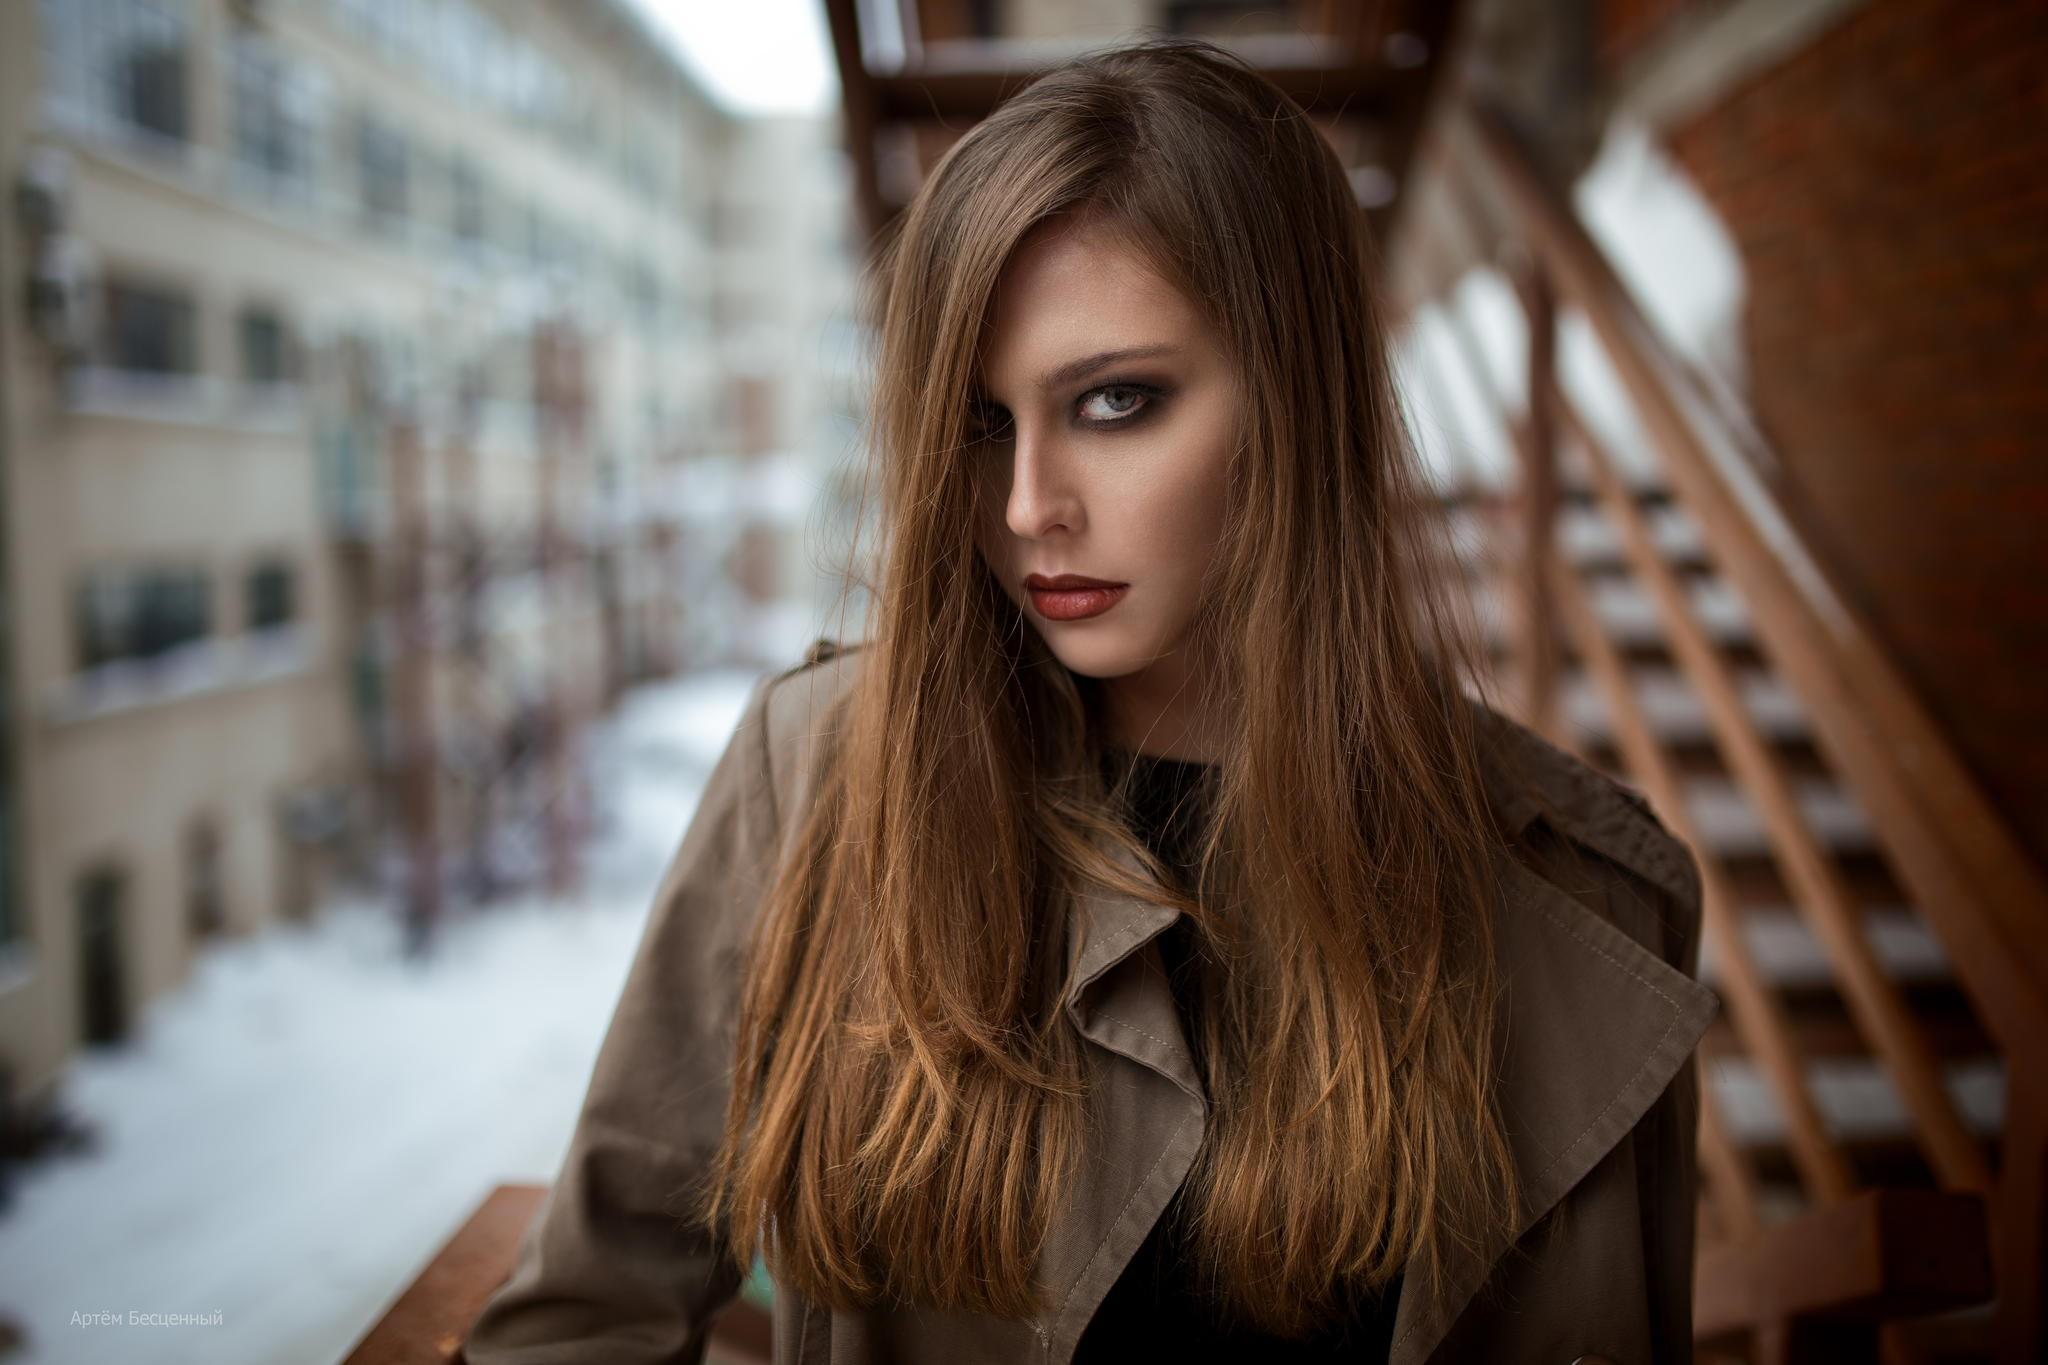 Women Blonde Blue Eyes Long Hair Wavy Hair Portrait: Masaüstü : Kadınlar, Model, Portre, Uzun Saç, Mavi Gözlü